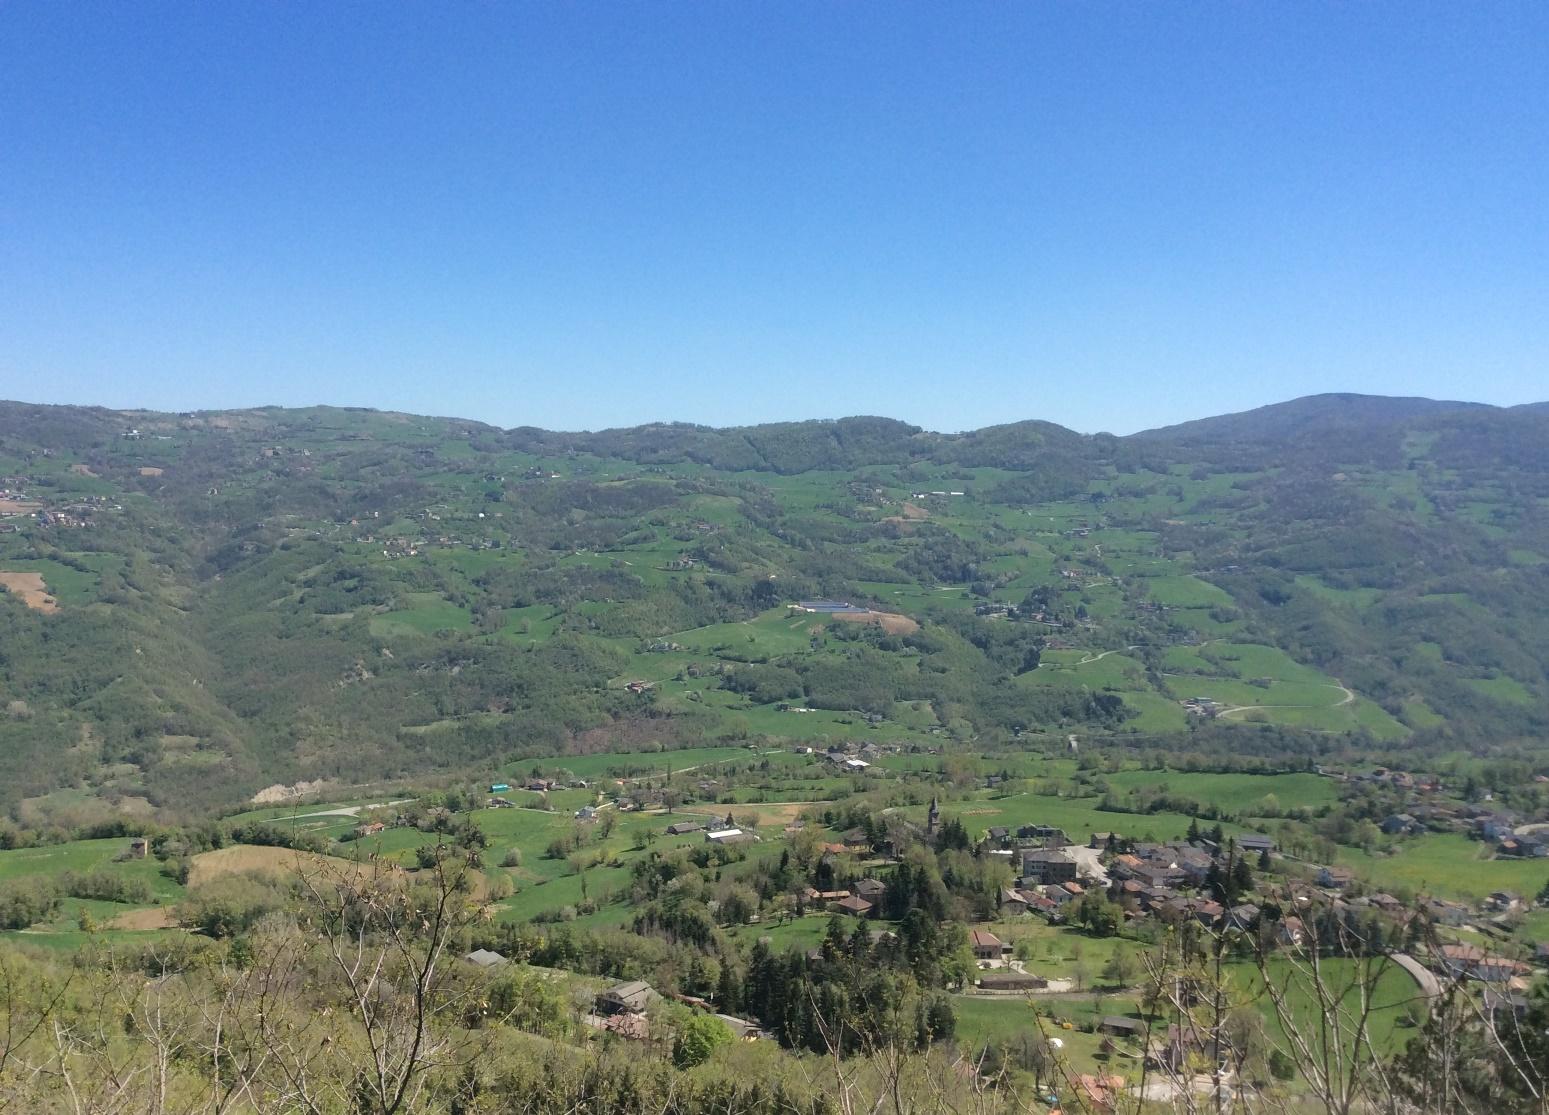 Strage di Monchio, Susano e Costrignano. Il Monte Santa Giulia, con Monchio, Costrignano e Susano, visto dalla rocca di Montefiorino